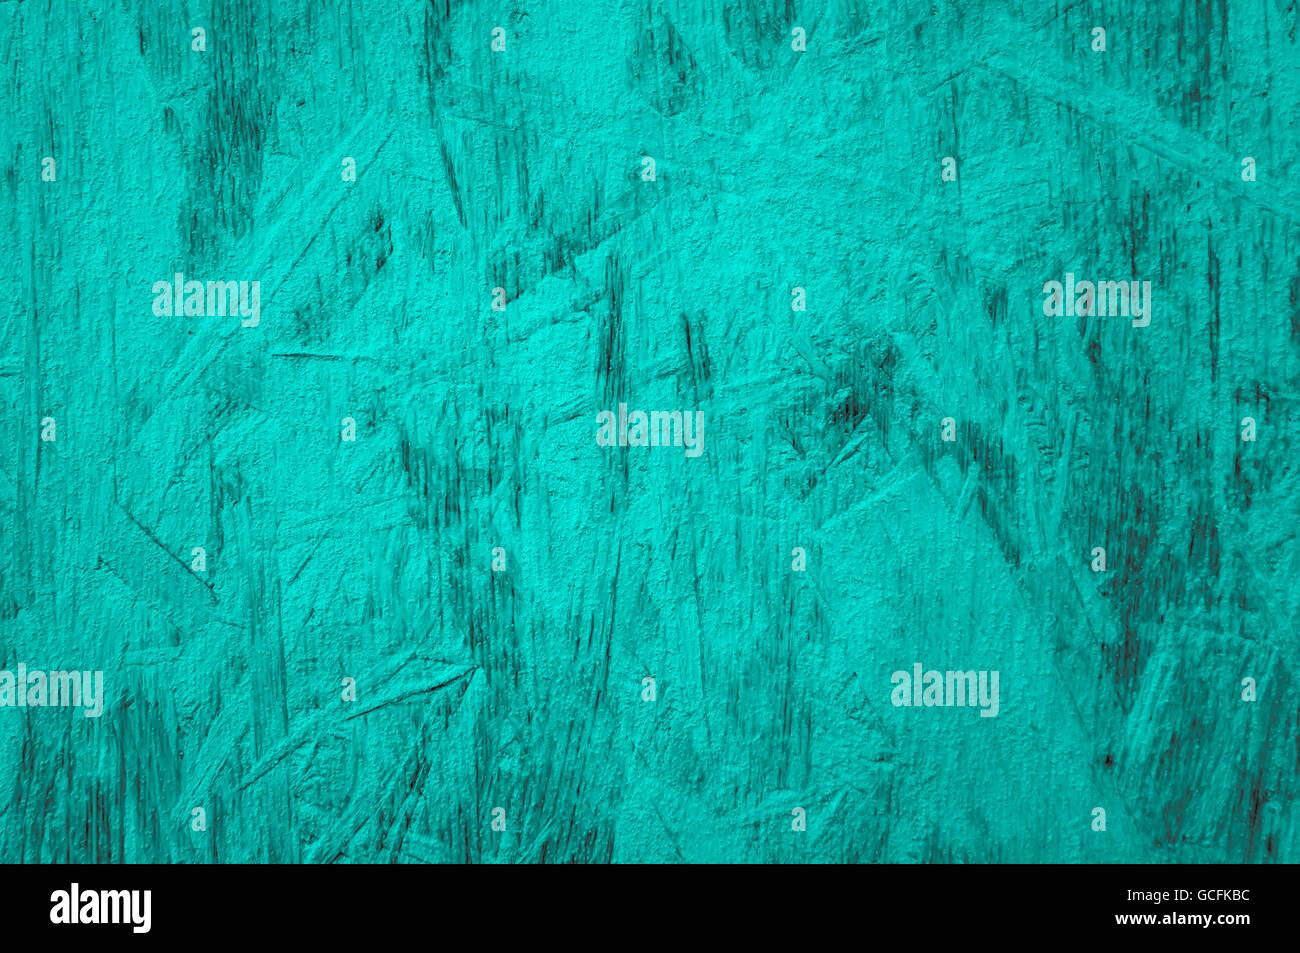 einfache Türkis grau Graustufen Wand Struktur Closeup Hintergrund oder Backdropwall Struktur Closeup Hintergrund Stockbild